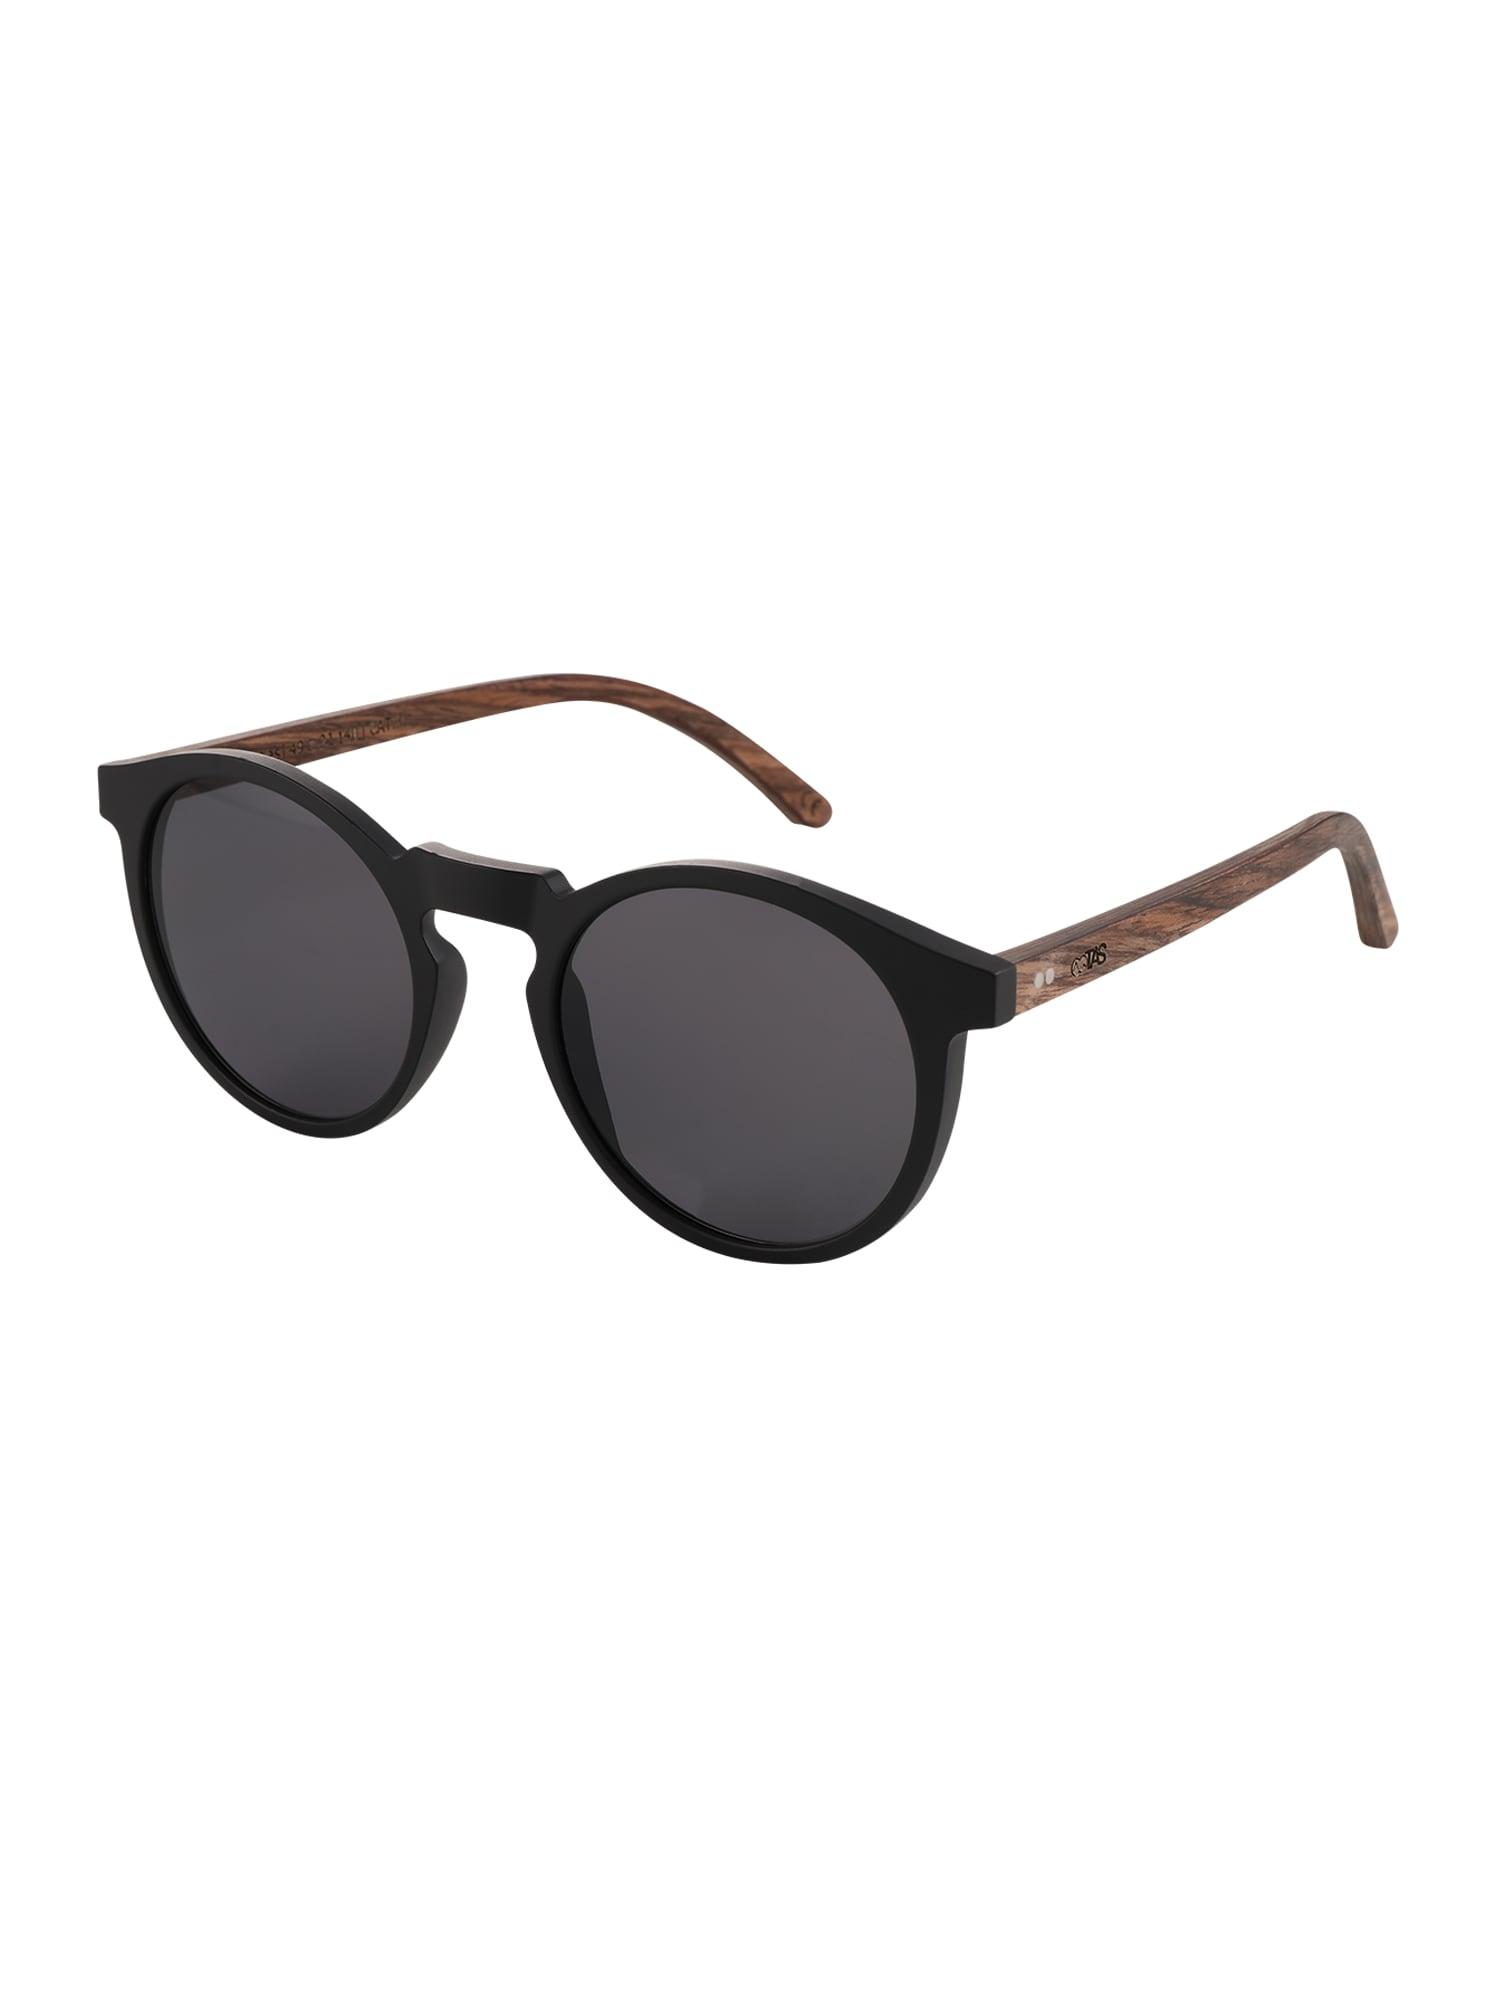 Sluneční brýle Mandala Collection hnědá černá TAKE A SHOT